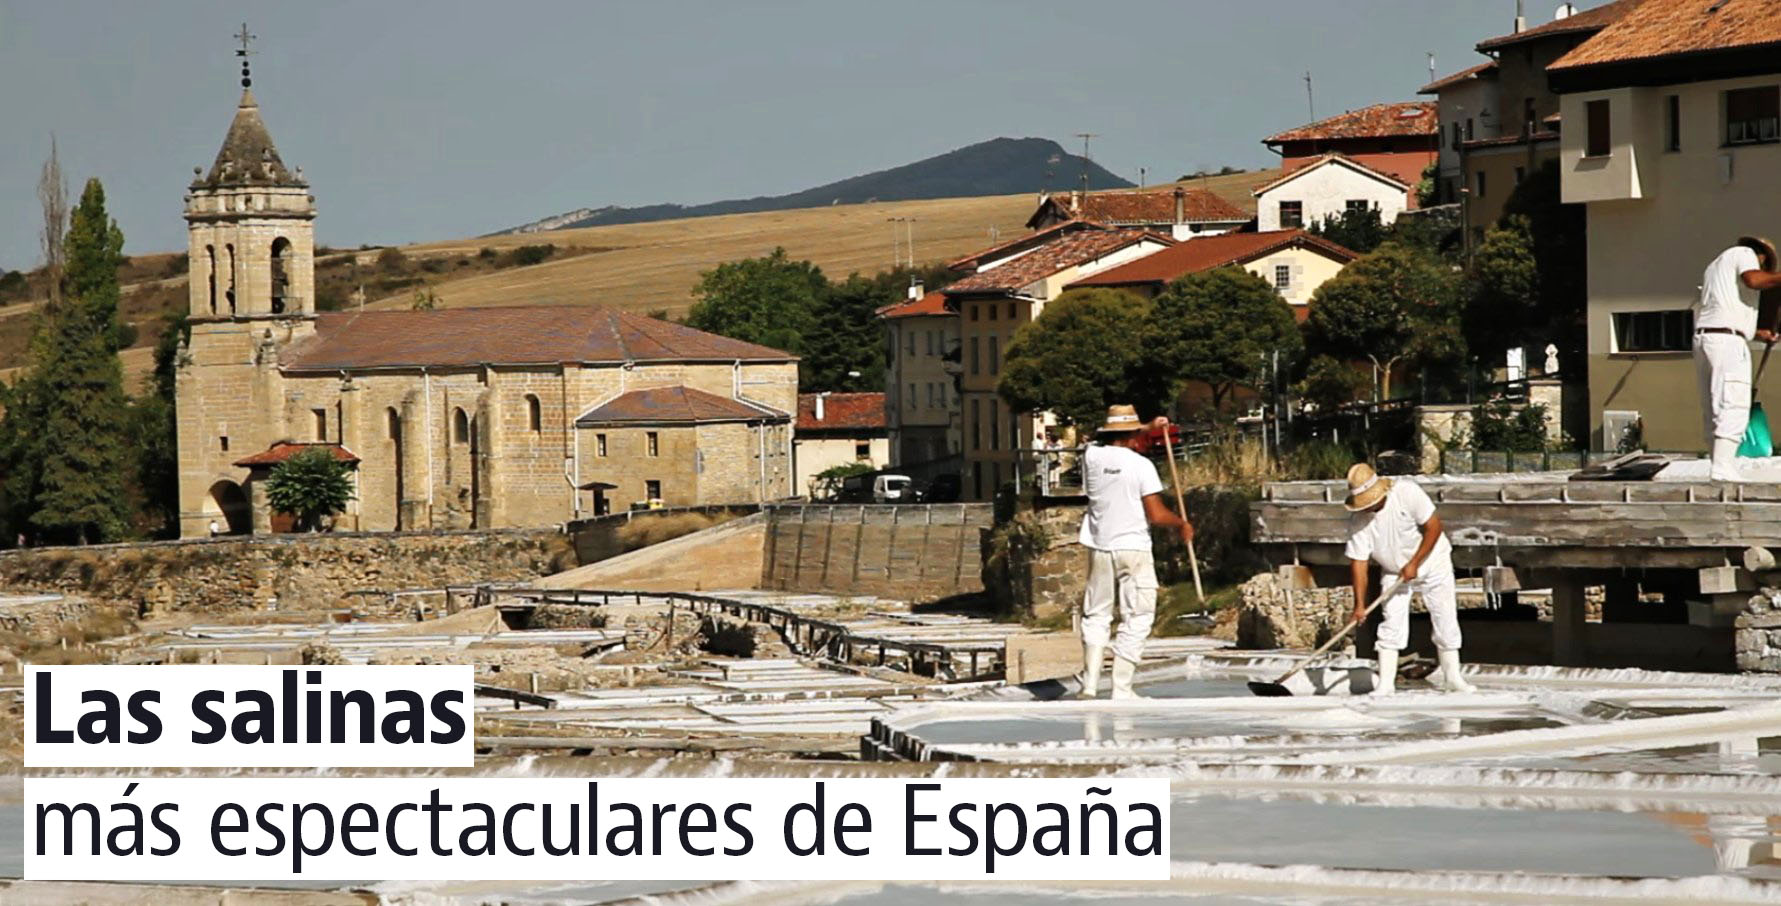 Pueblos costeros con encanto y no tan conocidos en espa a idealista news - Casas espectaculares en espana ...